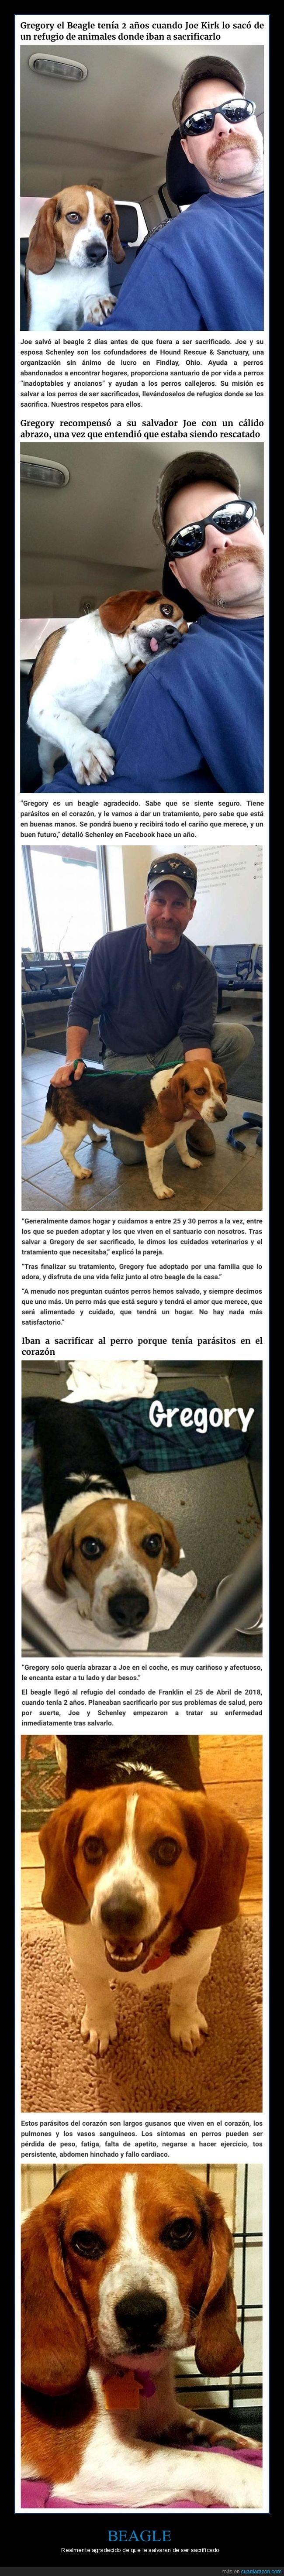 agradecido,beagle,perros,sacrificado